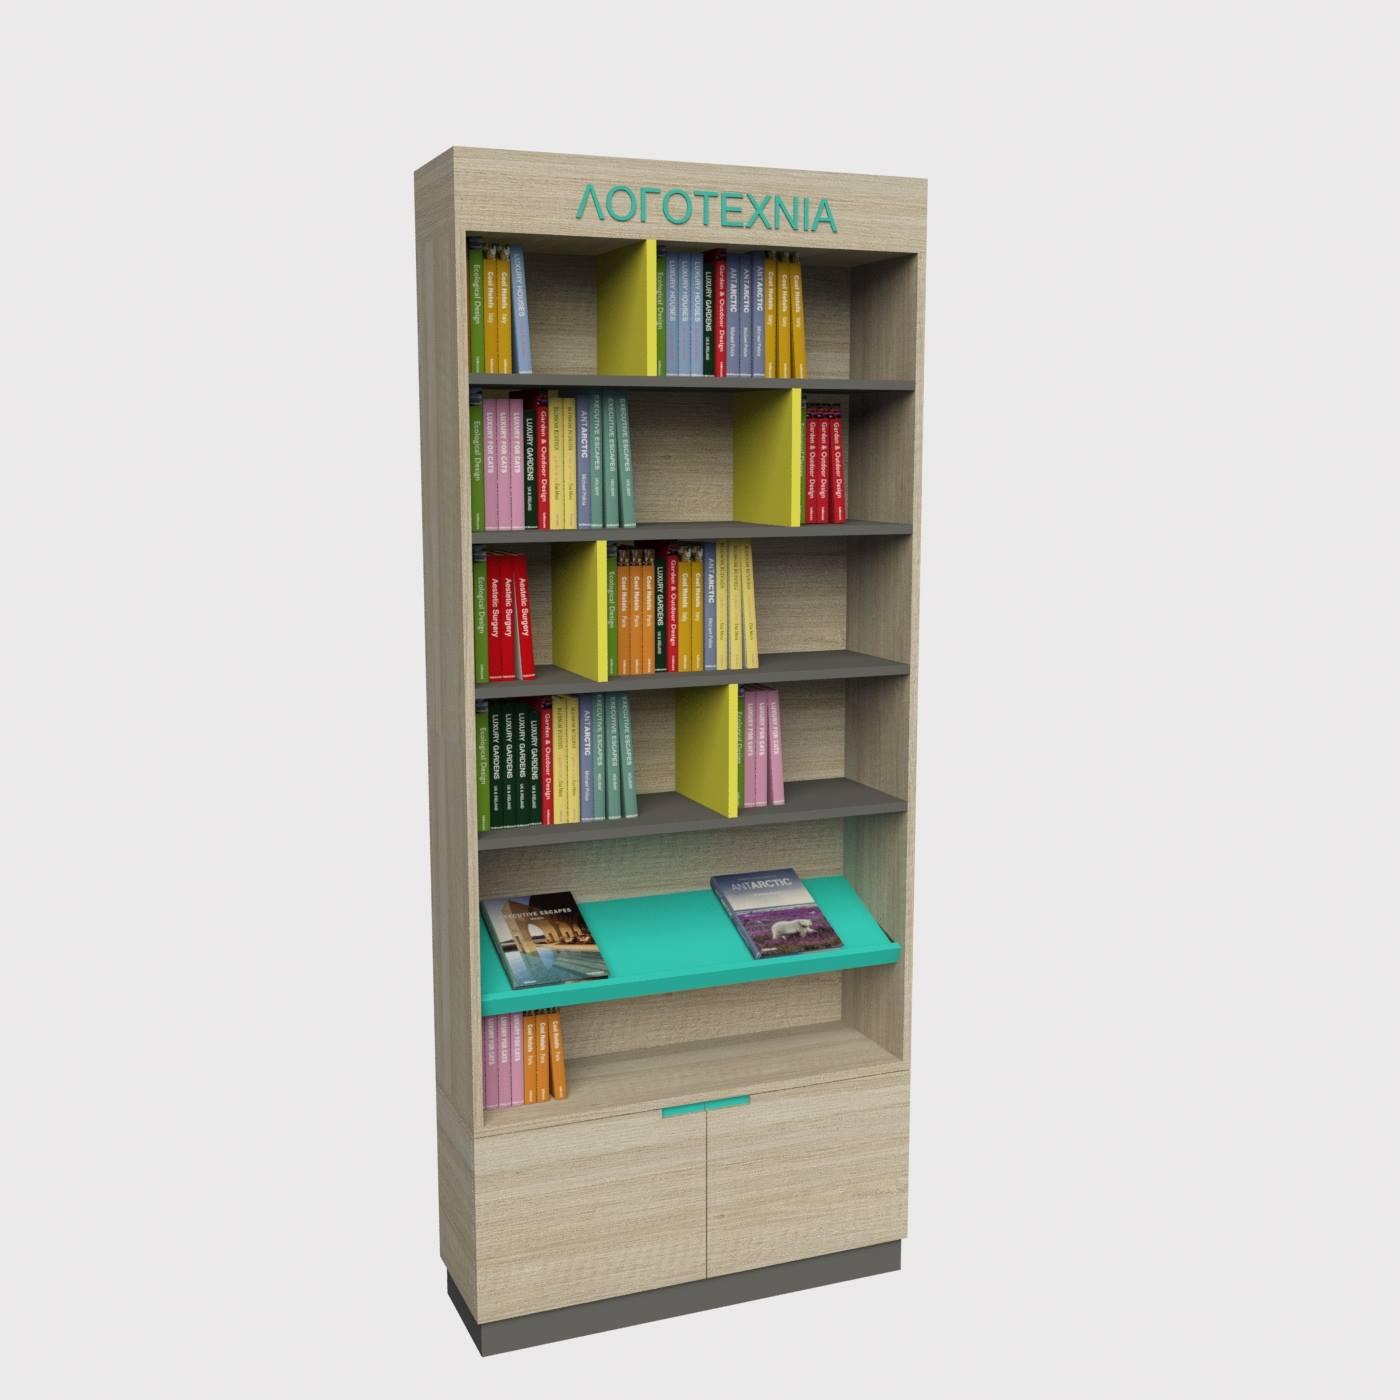 Βιβλιοθήκη καταστήματος έπιπλο προβολής βιβλίων για βιβλιοπωλεία εξοπλισμός βιβλιοπωλείων ραφιέρες